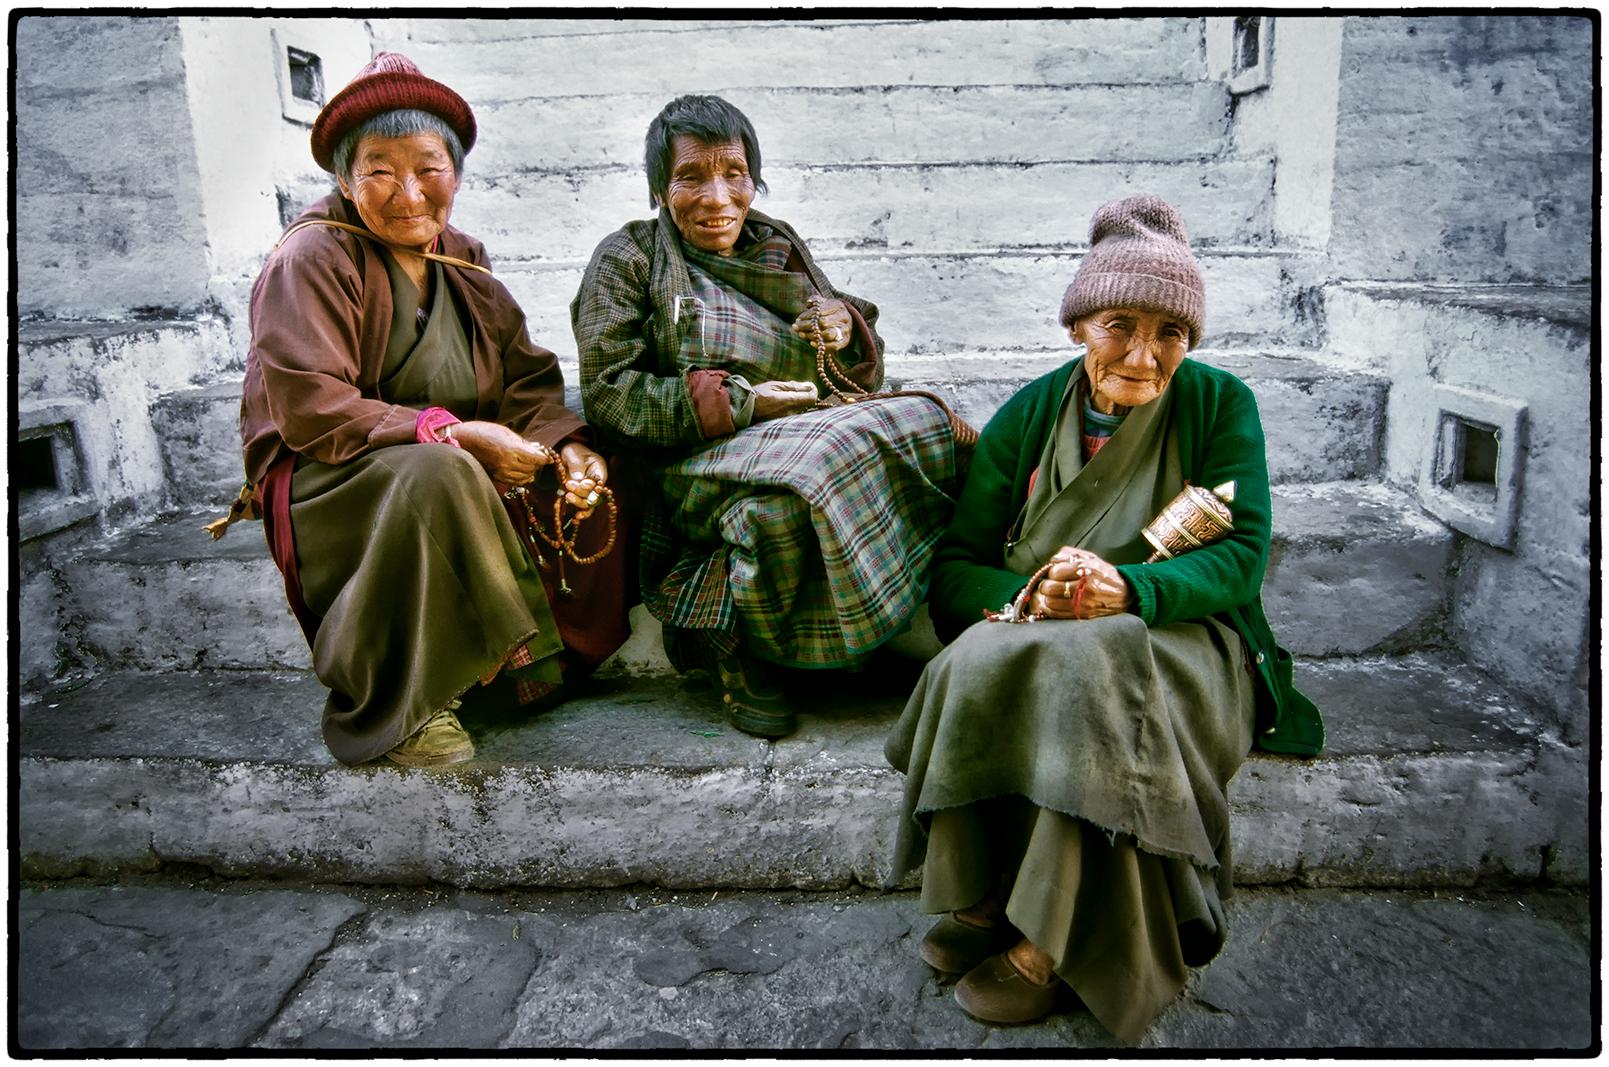 Women at a Prayer Stupa, Bhutan